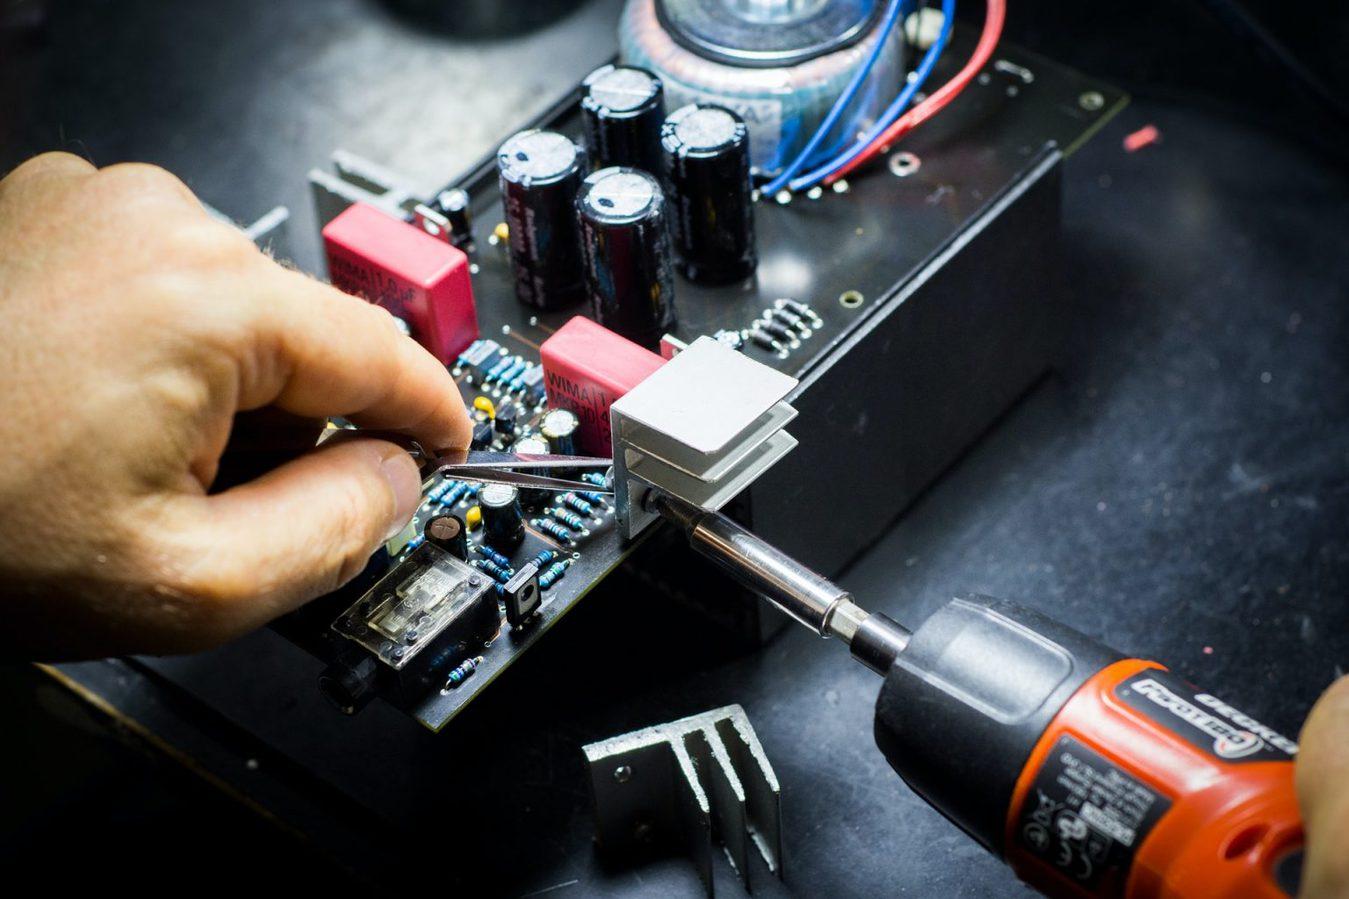 Pessoa consertando um computador